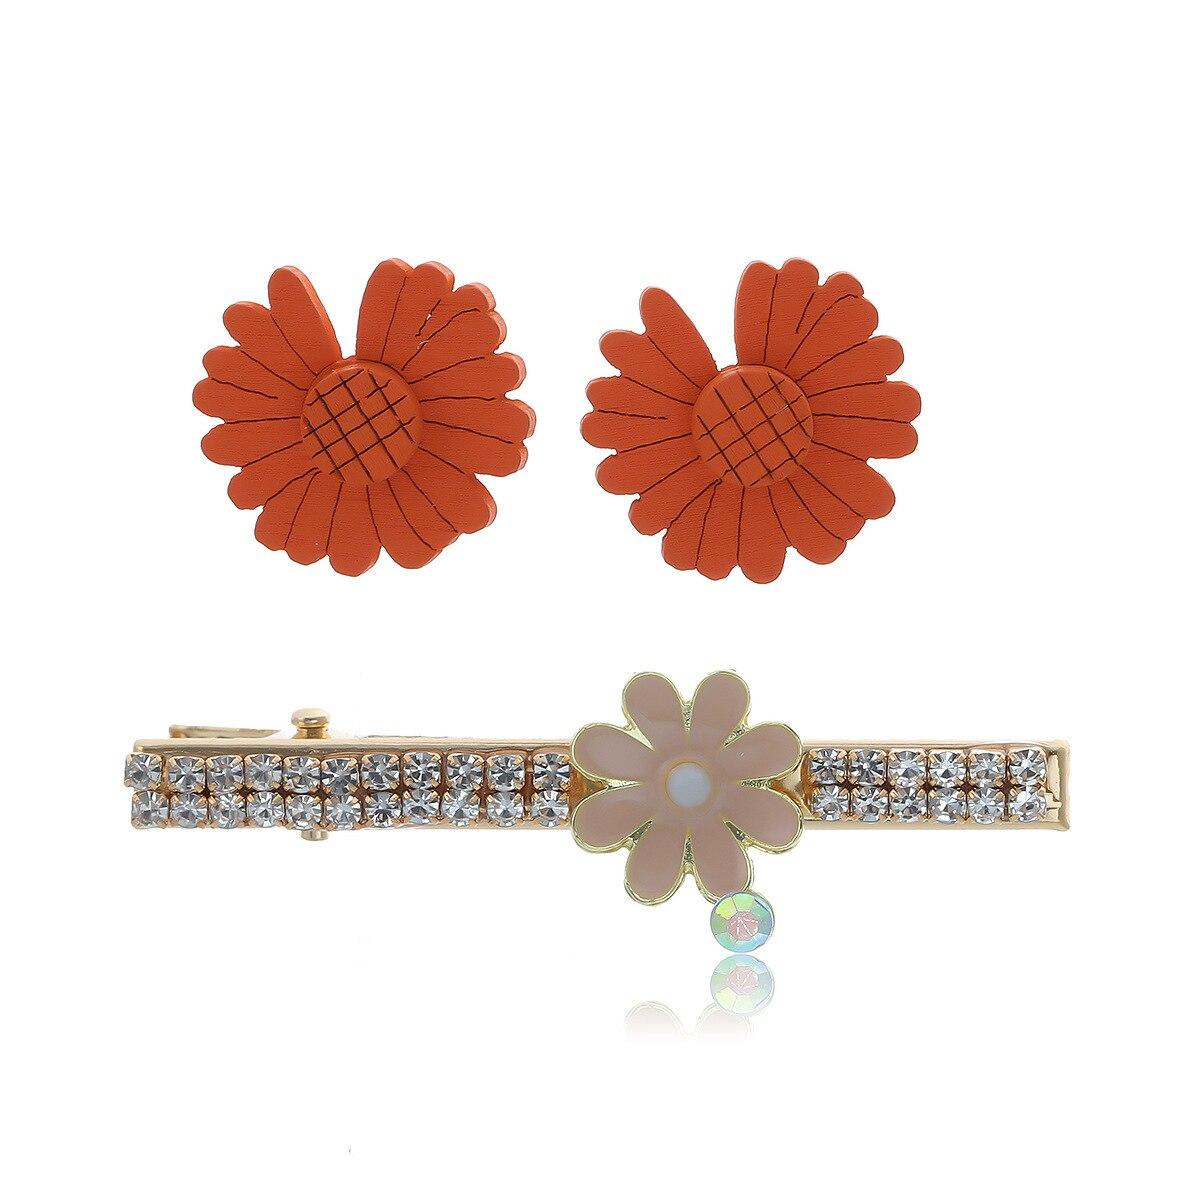 Nuevas horquillas para el cabello para mujer, accesorios para el cabello con diamantes de imitación, bonitas horquillas de margaritas y flores